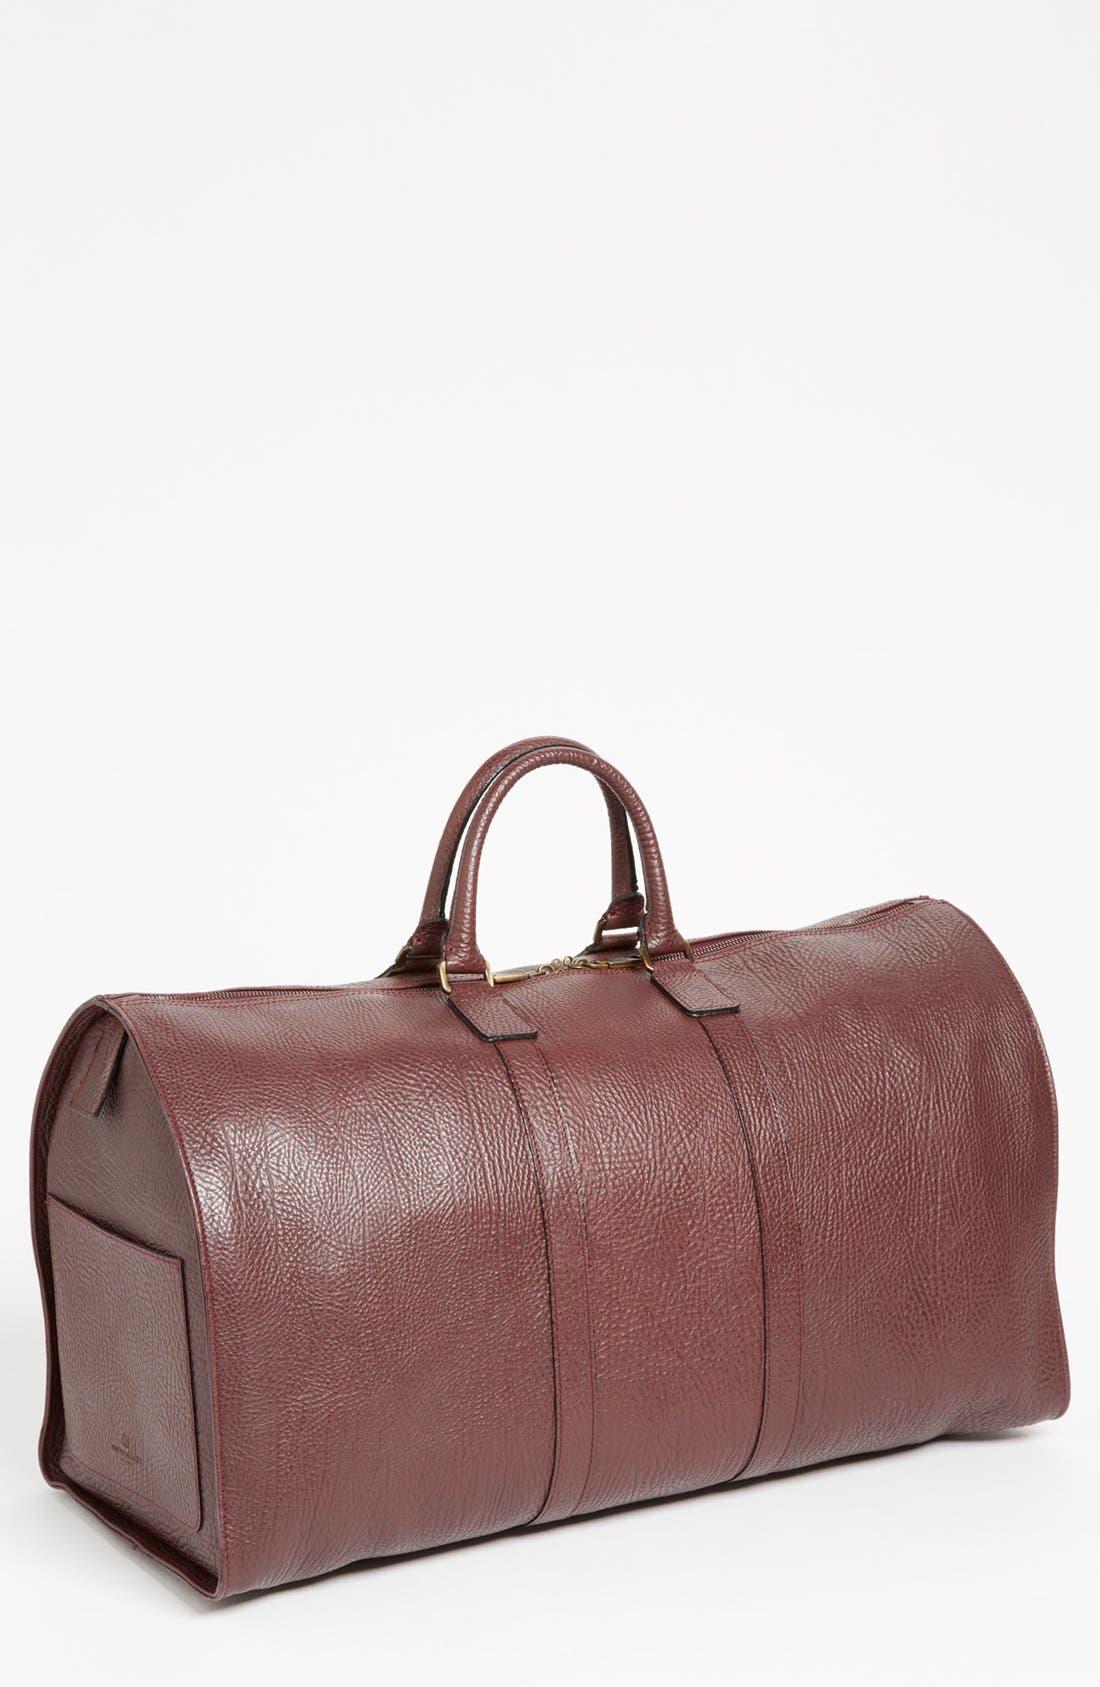 Alternate Image 1 Selected - Bruno Magli 'Anselmo' Calfskin Duffel Bag